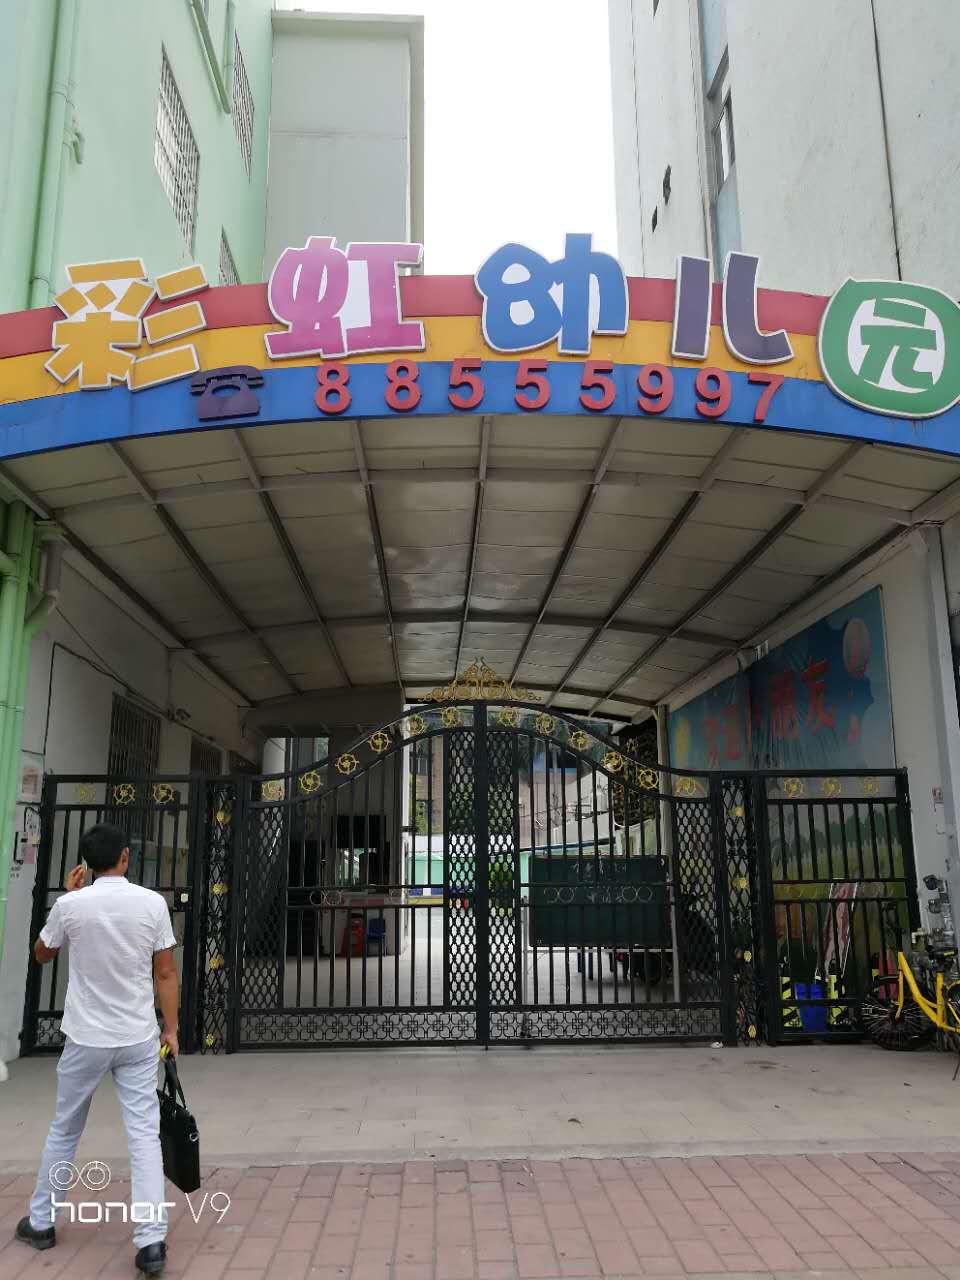 中山市西区彩虹幼儿园操场地面 水性丙烯酸彩色地面施工前后对比!